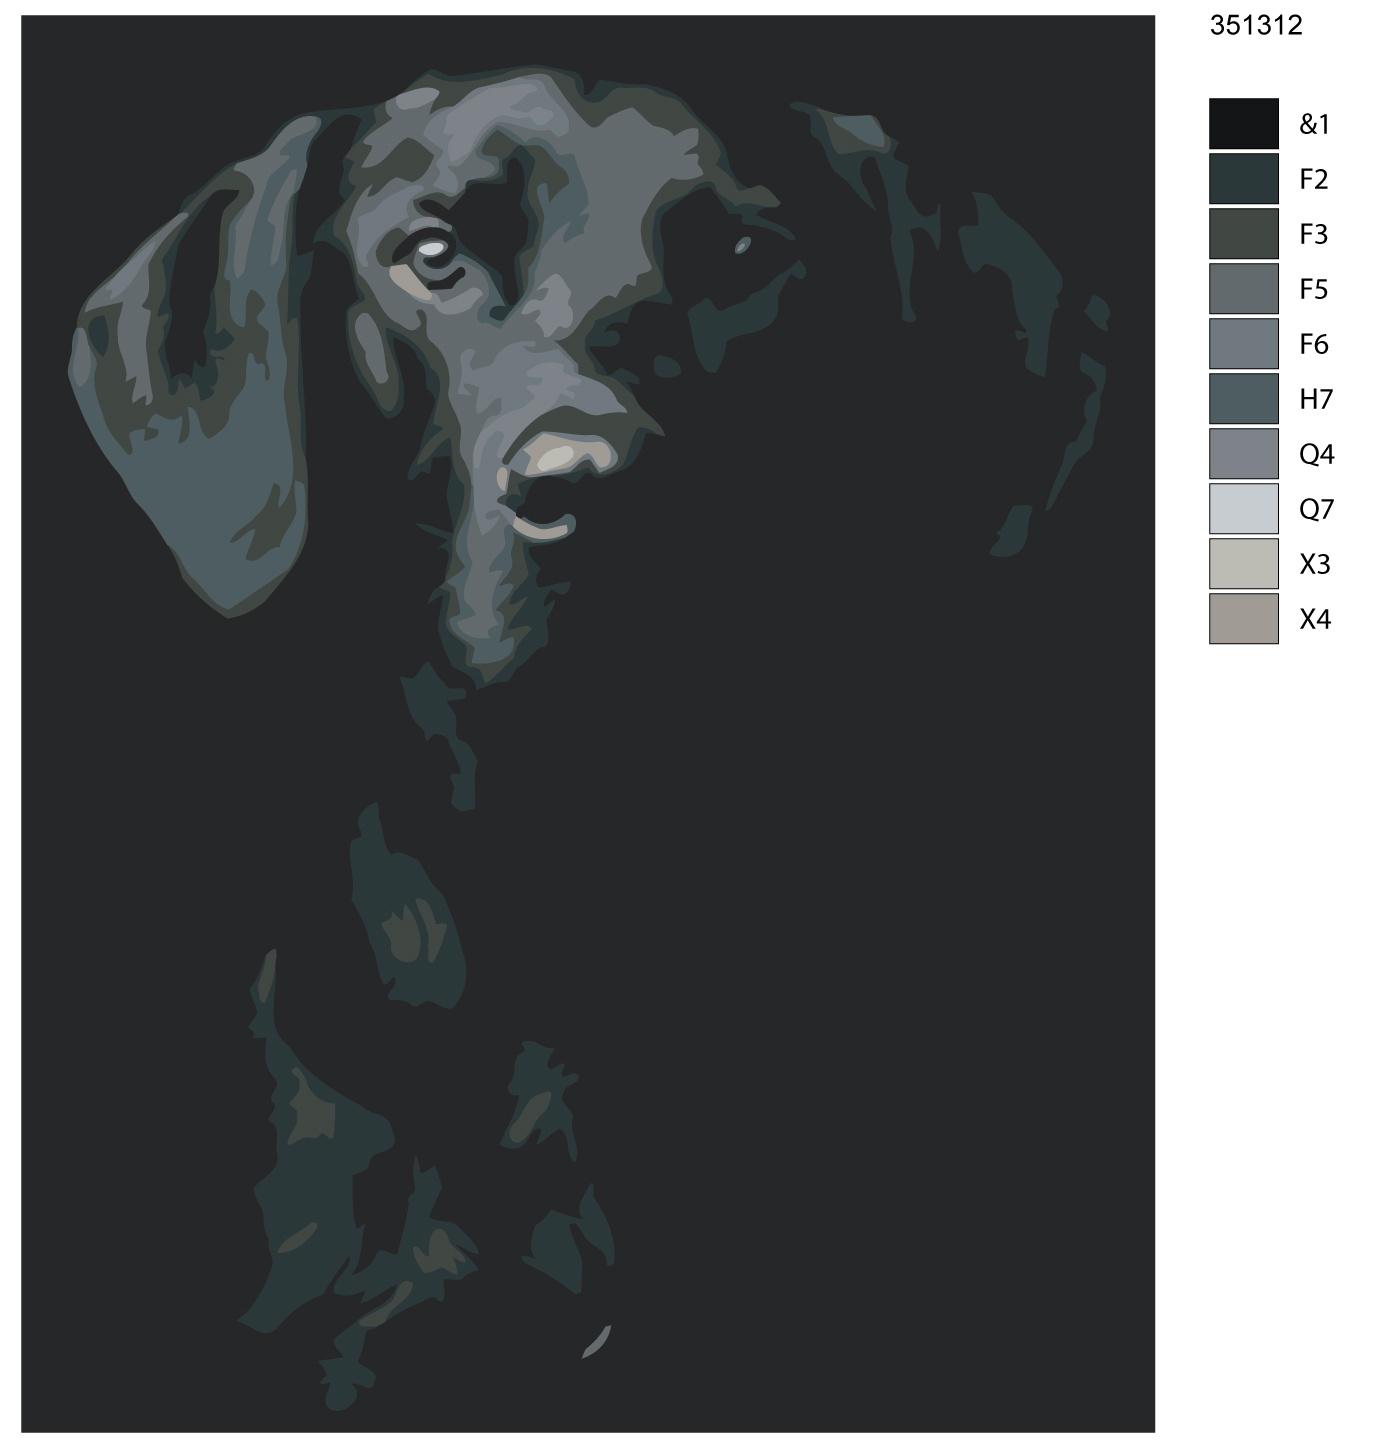 Набор для создания картины Живопись по номерам KTMK-351312KTMK-351312Количество красок от 18 до 24. Картина раскрашивается без смешивания красок. Высококачественные акриловые краски собственного производства сделают вашу картину яркой и уникальной. Все необходимые материалы есть в комплекте: натуральный хлопковый холст, натянутый на деревянный подрамник, баночки с акриловыми красками на водной основе, 3 кисти из качественного нейлона, схема раскрашивания, инструкция. Просто закрашивайте участки красками с соответствующим номером.